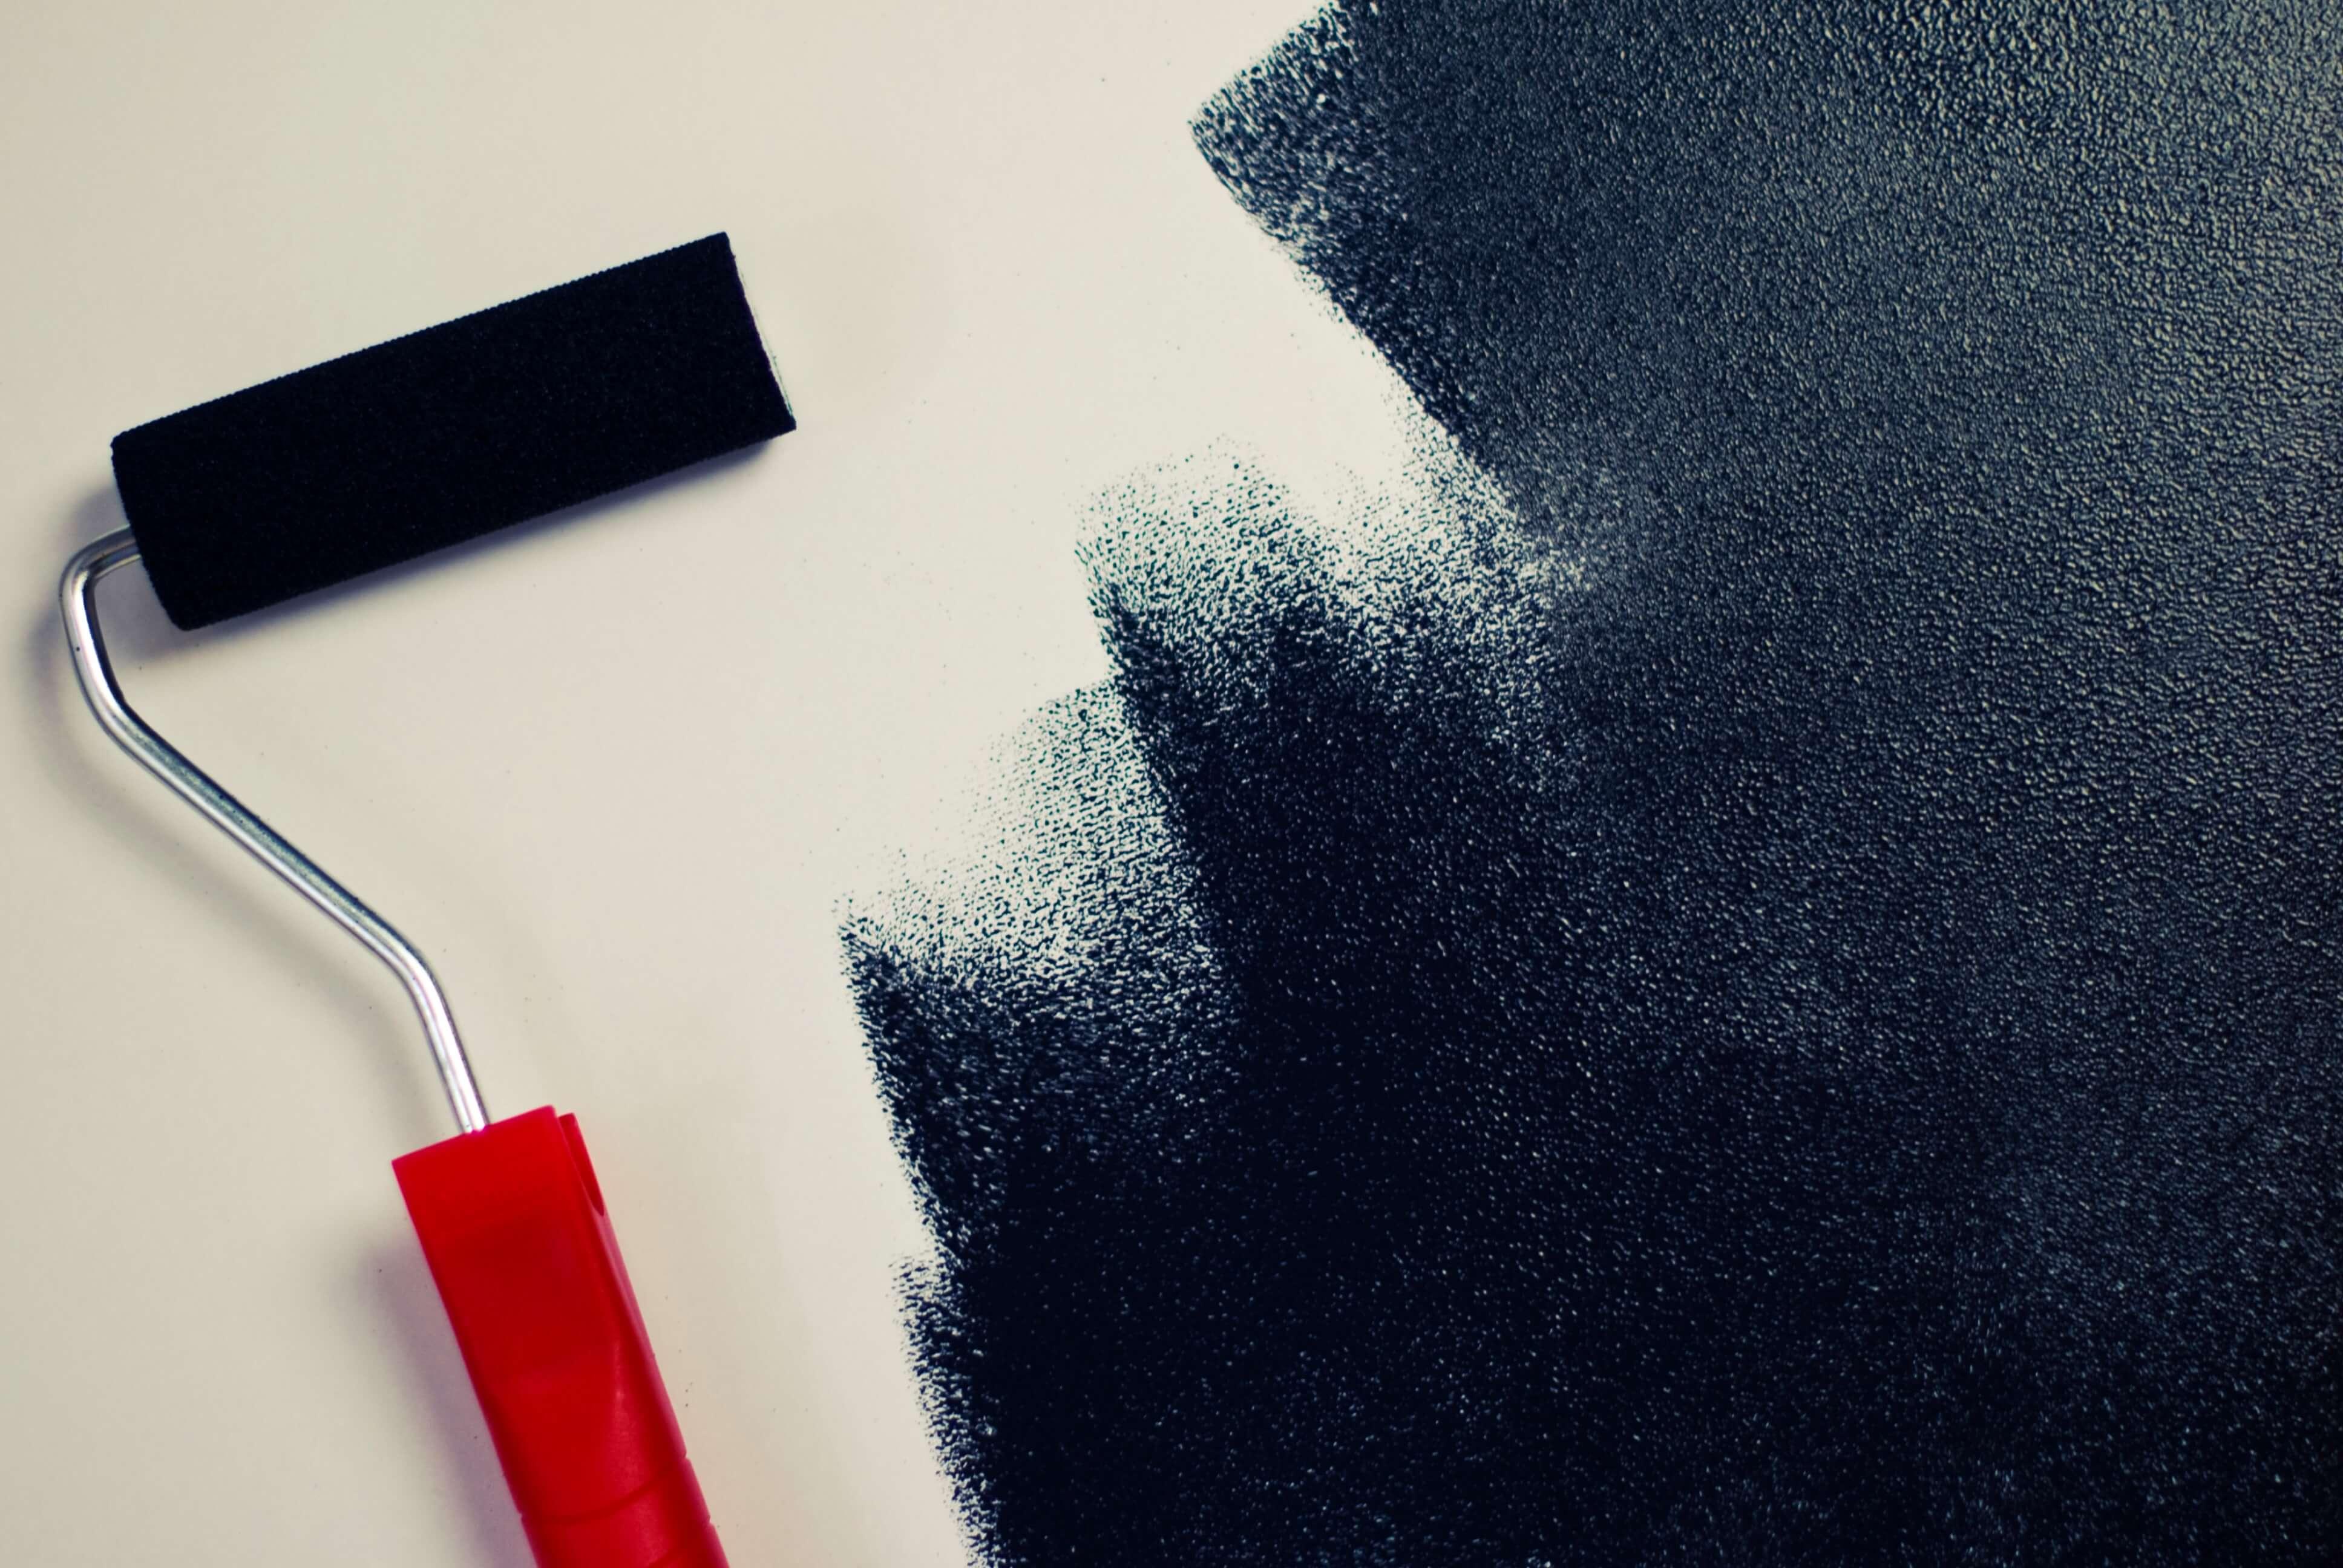 Klusbedrijf, stukadoor, schilder Amersfoort